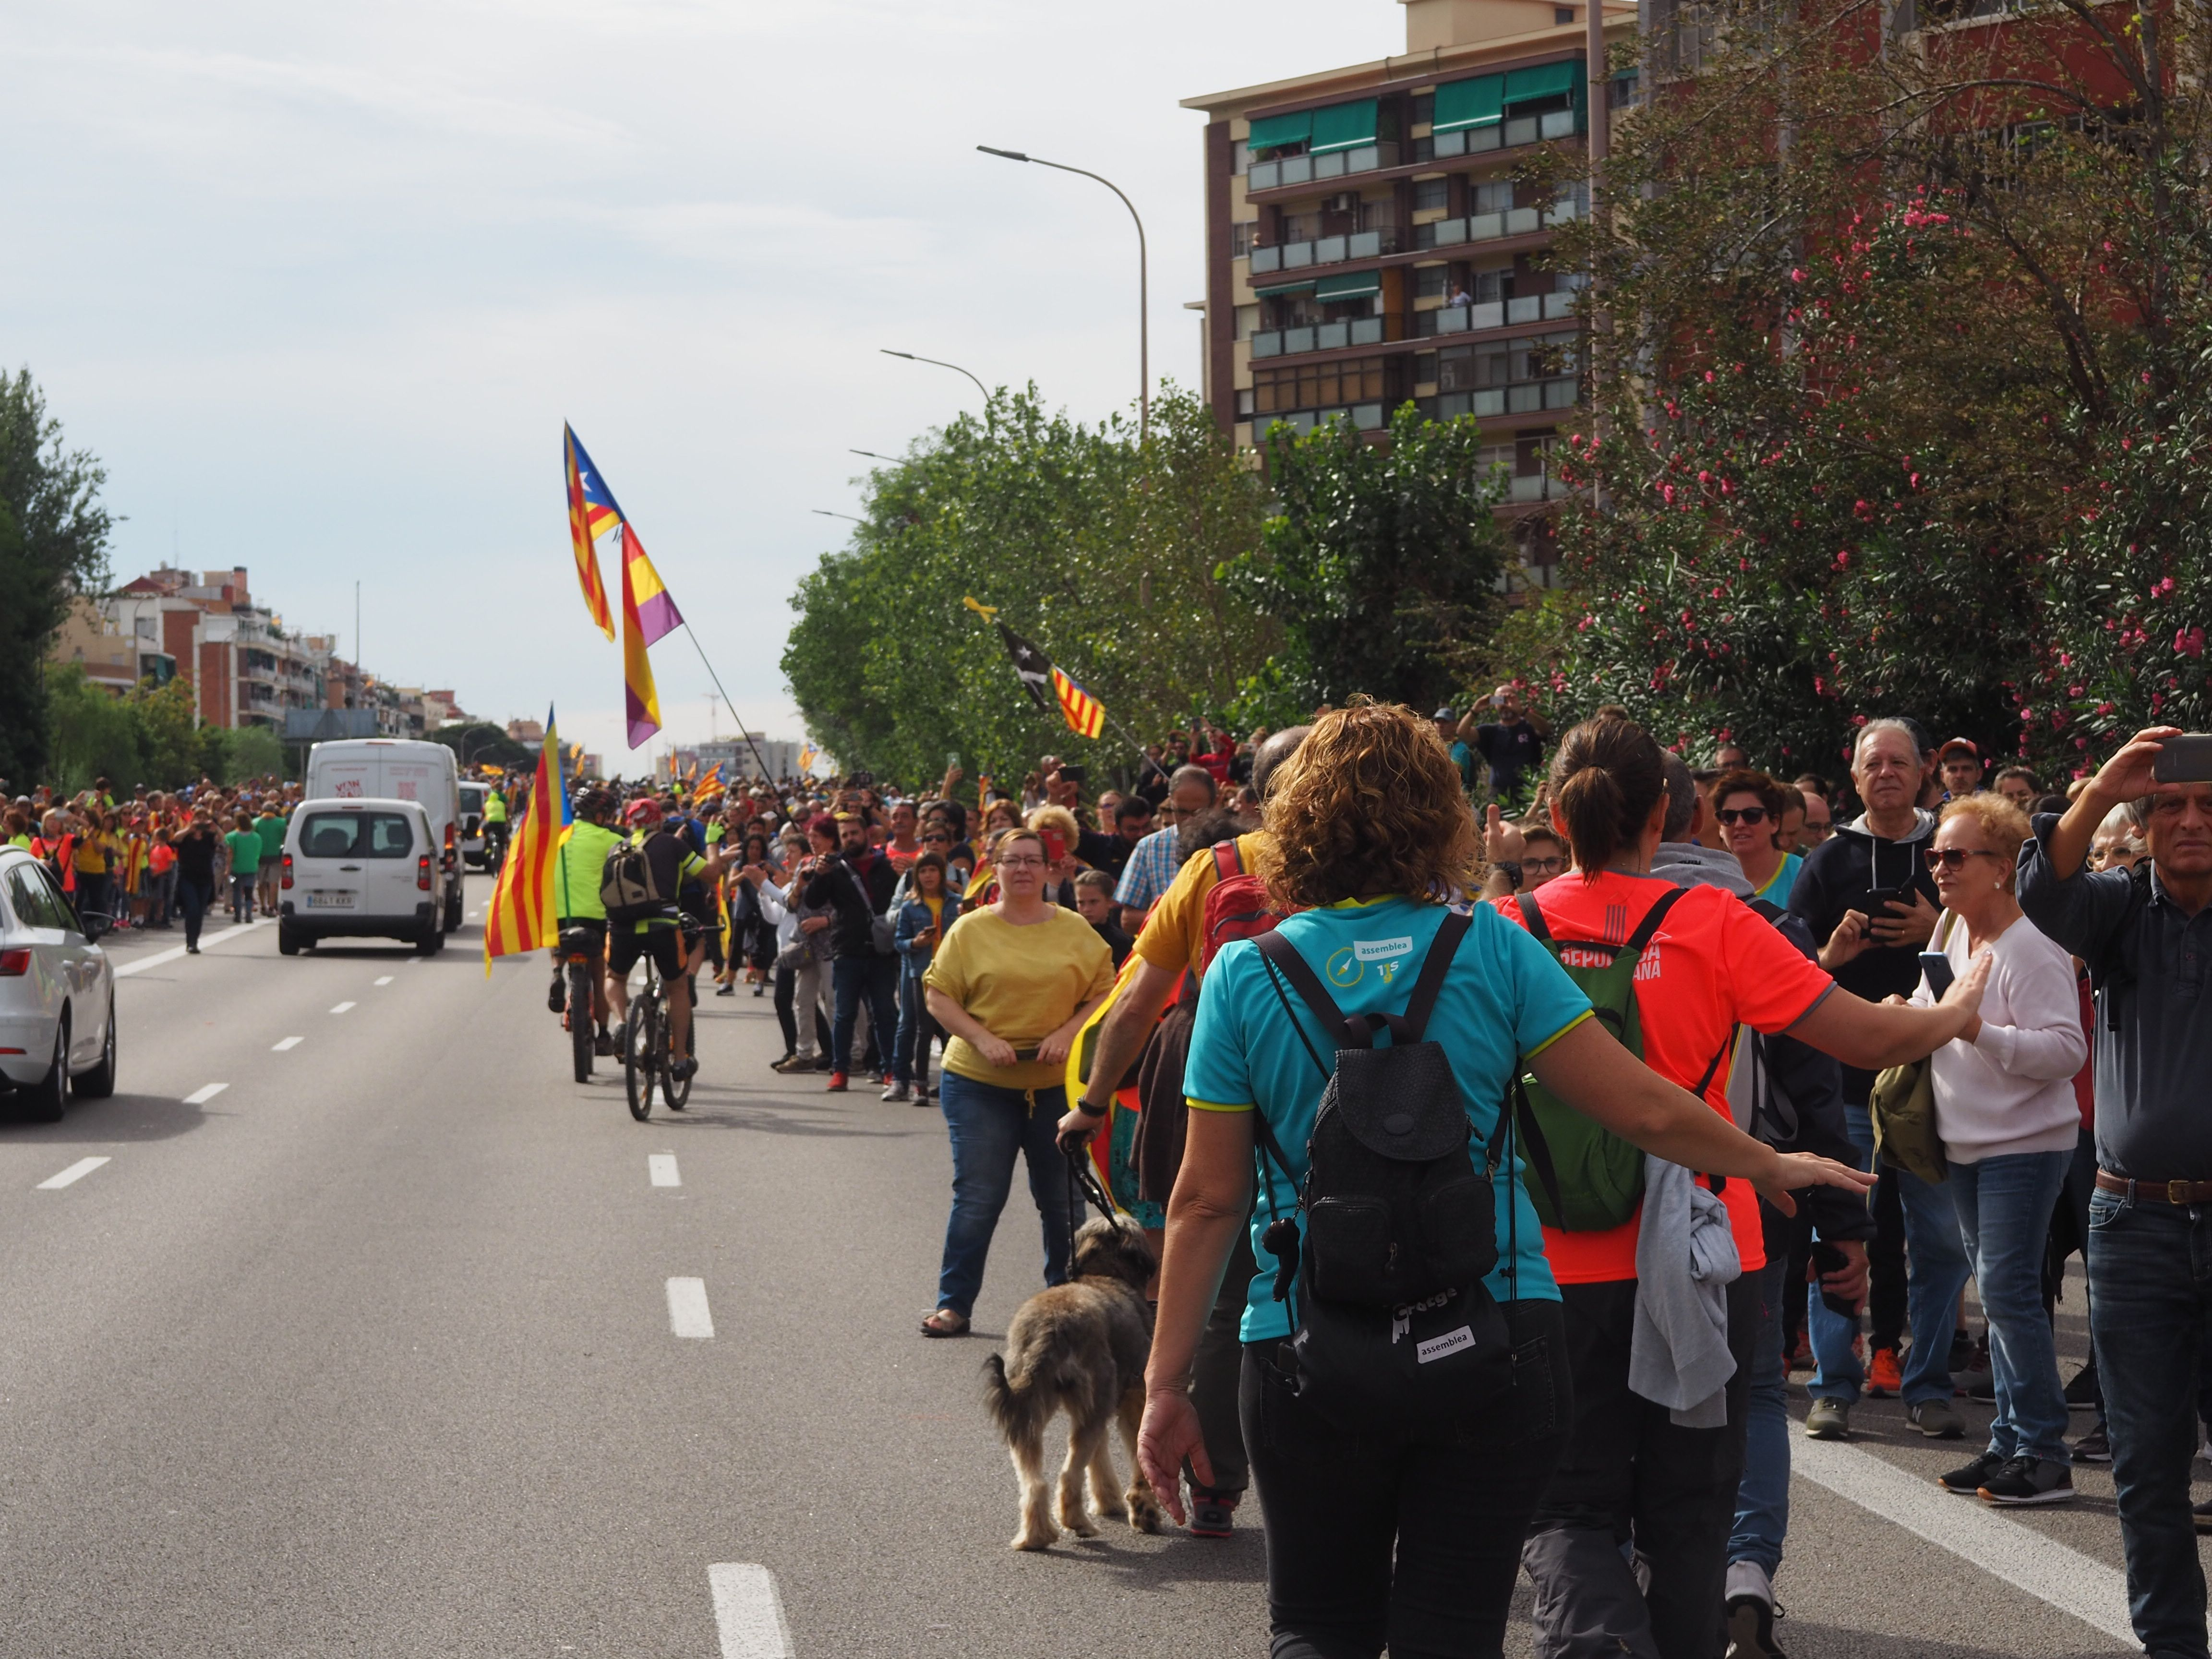 Marxa per la llibertat en resposta a la sentència del Tribunal Suprem. FOTO: Mónica García